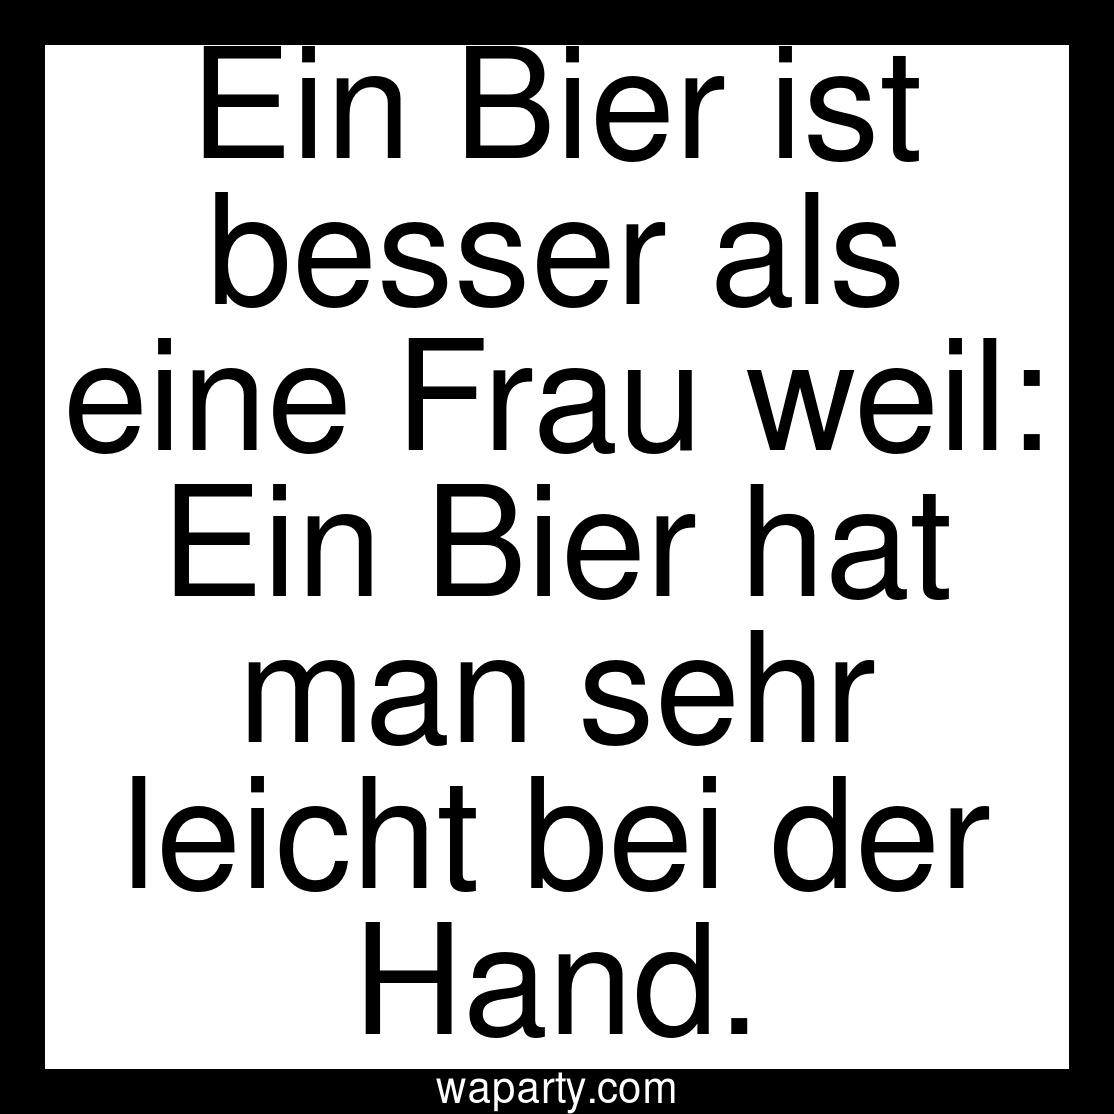 Ein Bier ist besser als eine Frau weil: Ein Bier hat man sehr leicht bei der Hand.